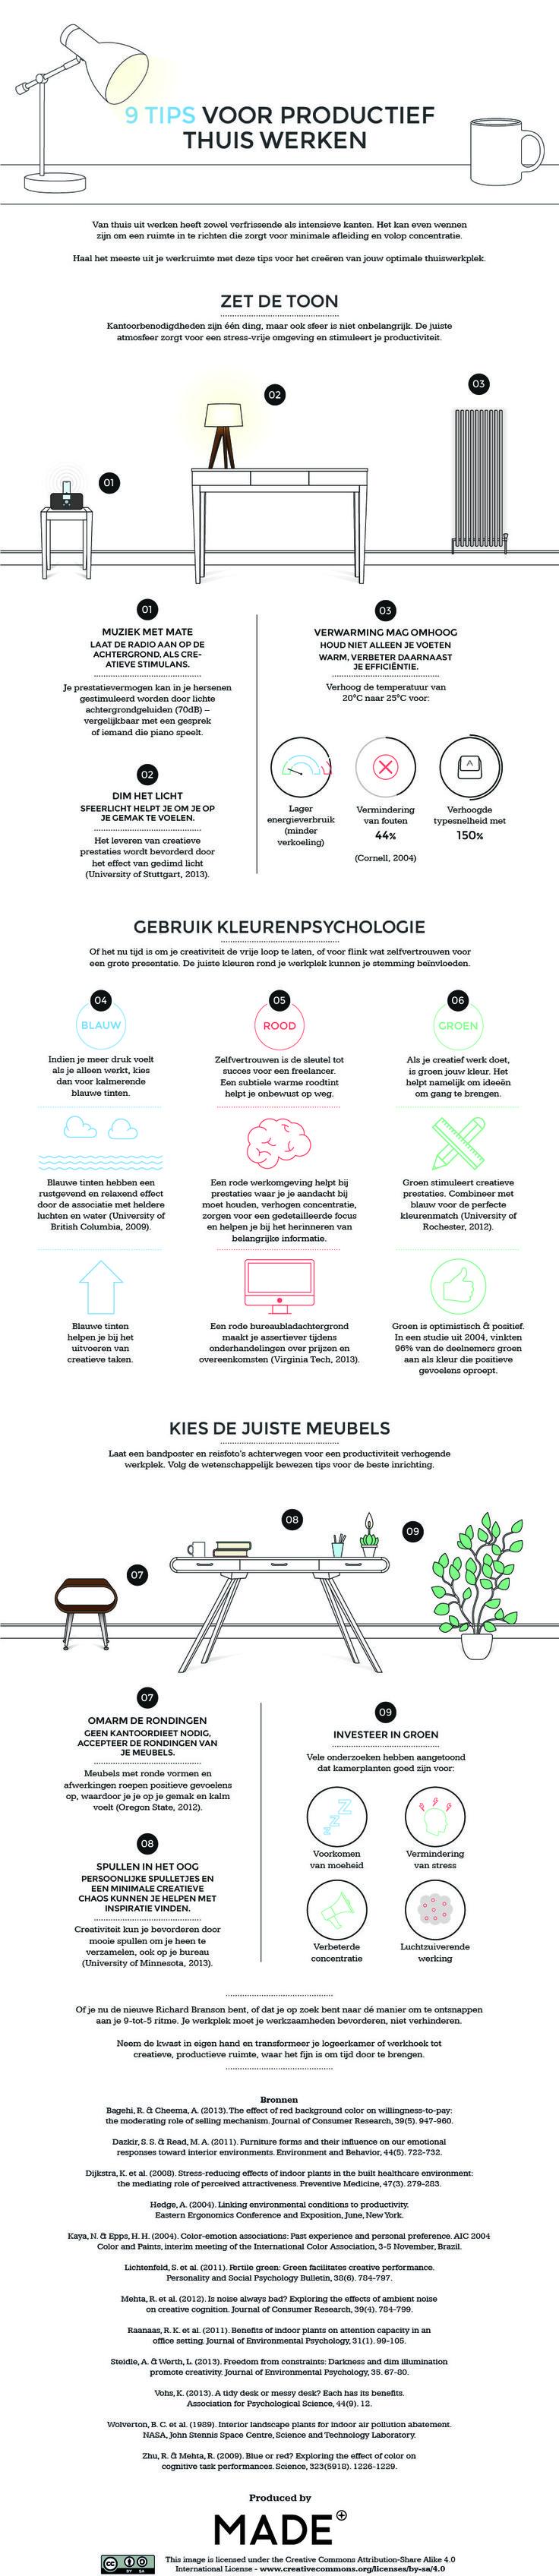 Infographic - 9 tips voor productief thuis werken | made.com